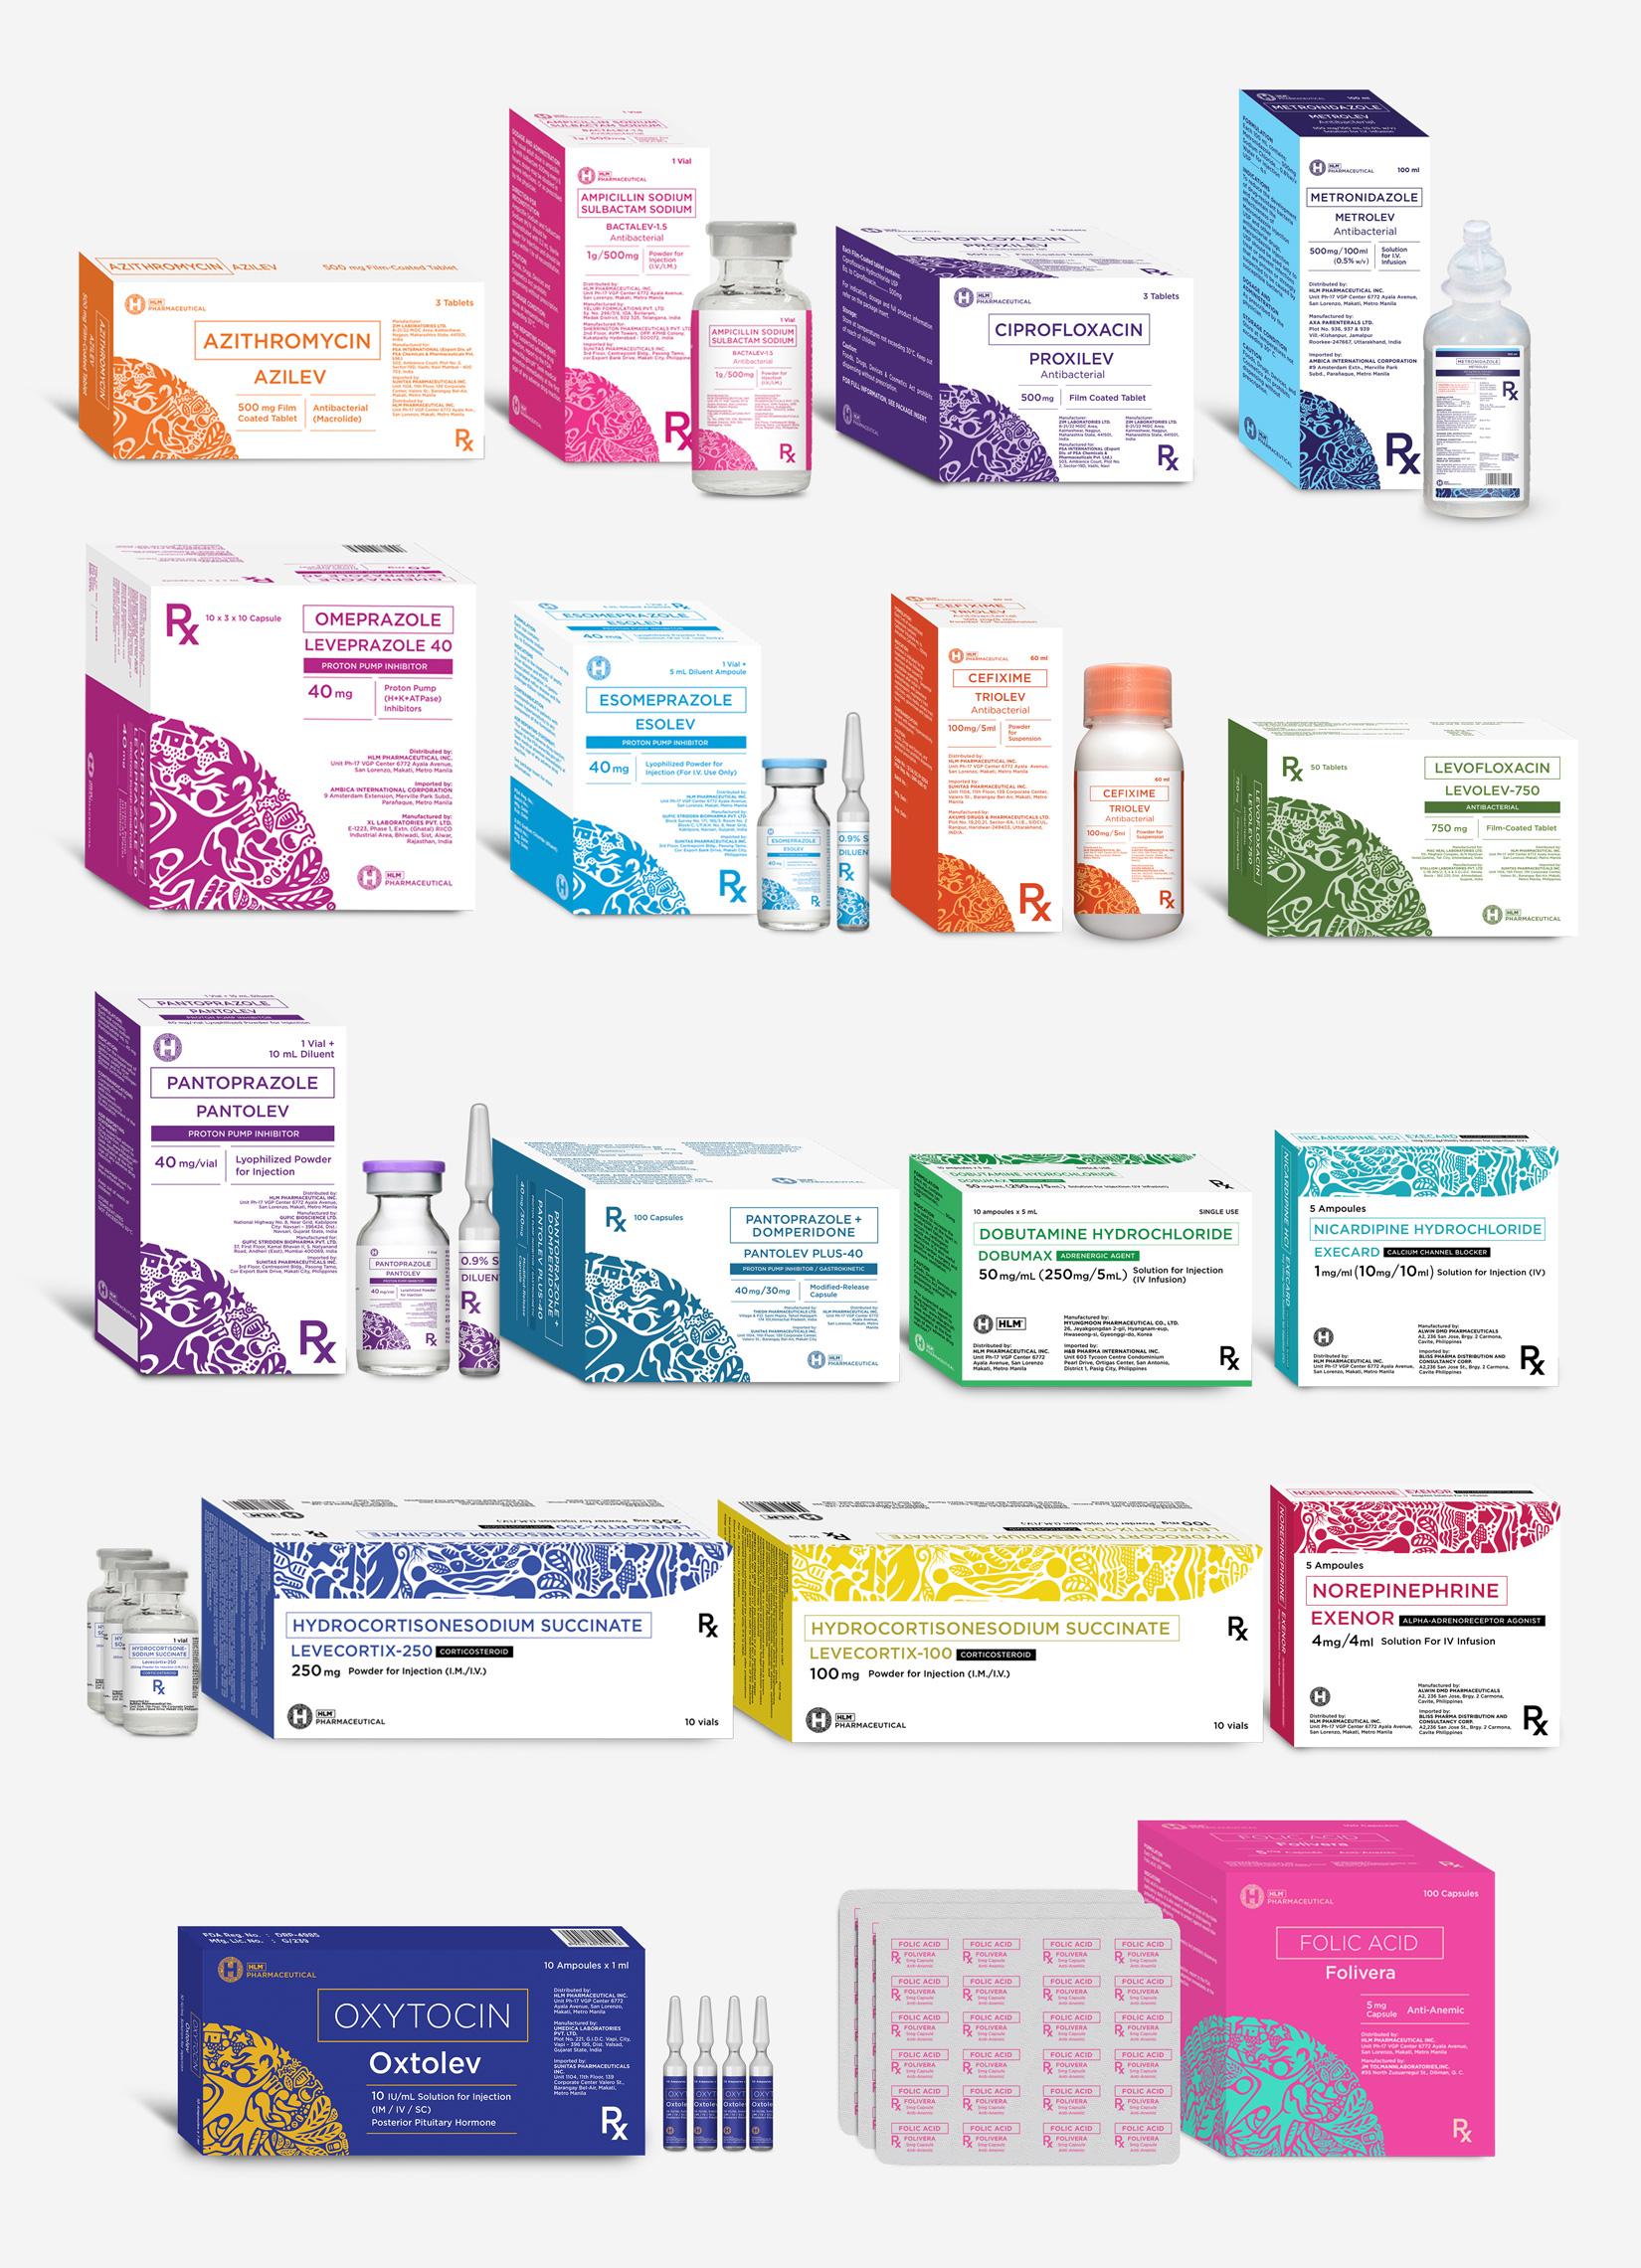 HLM-Pharma-2